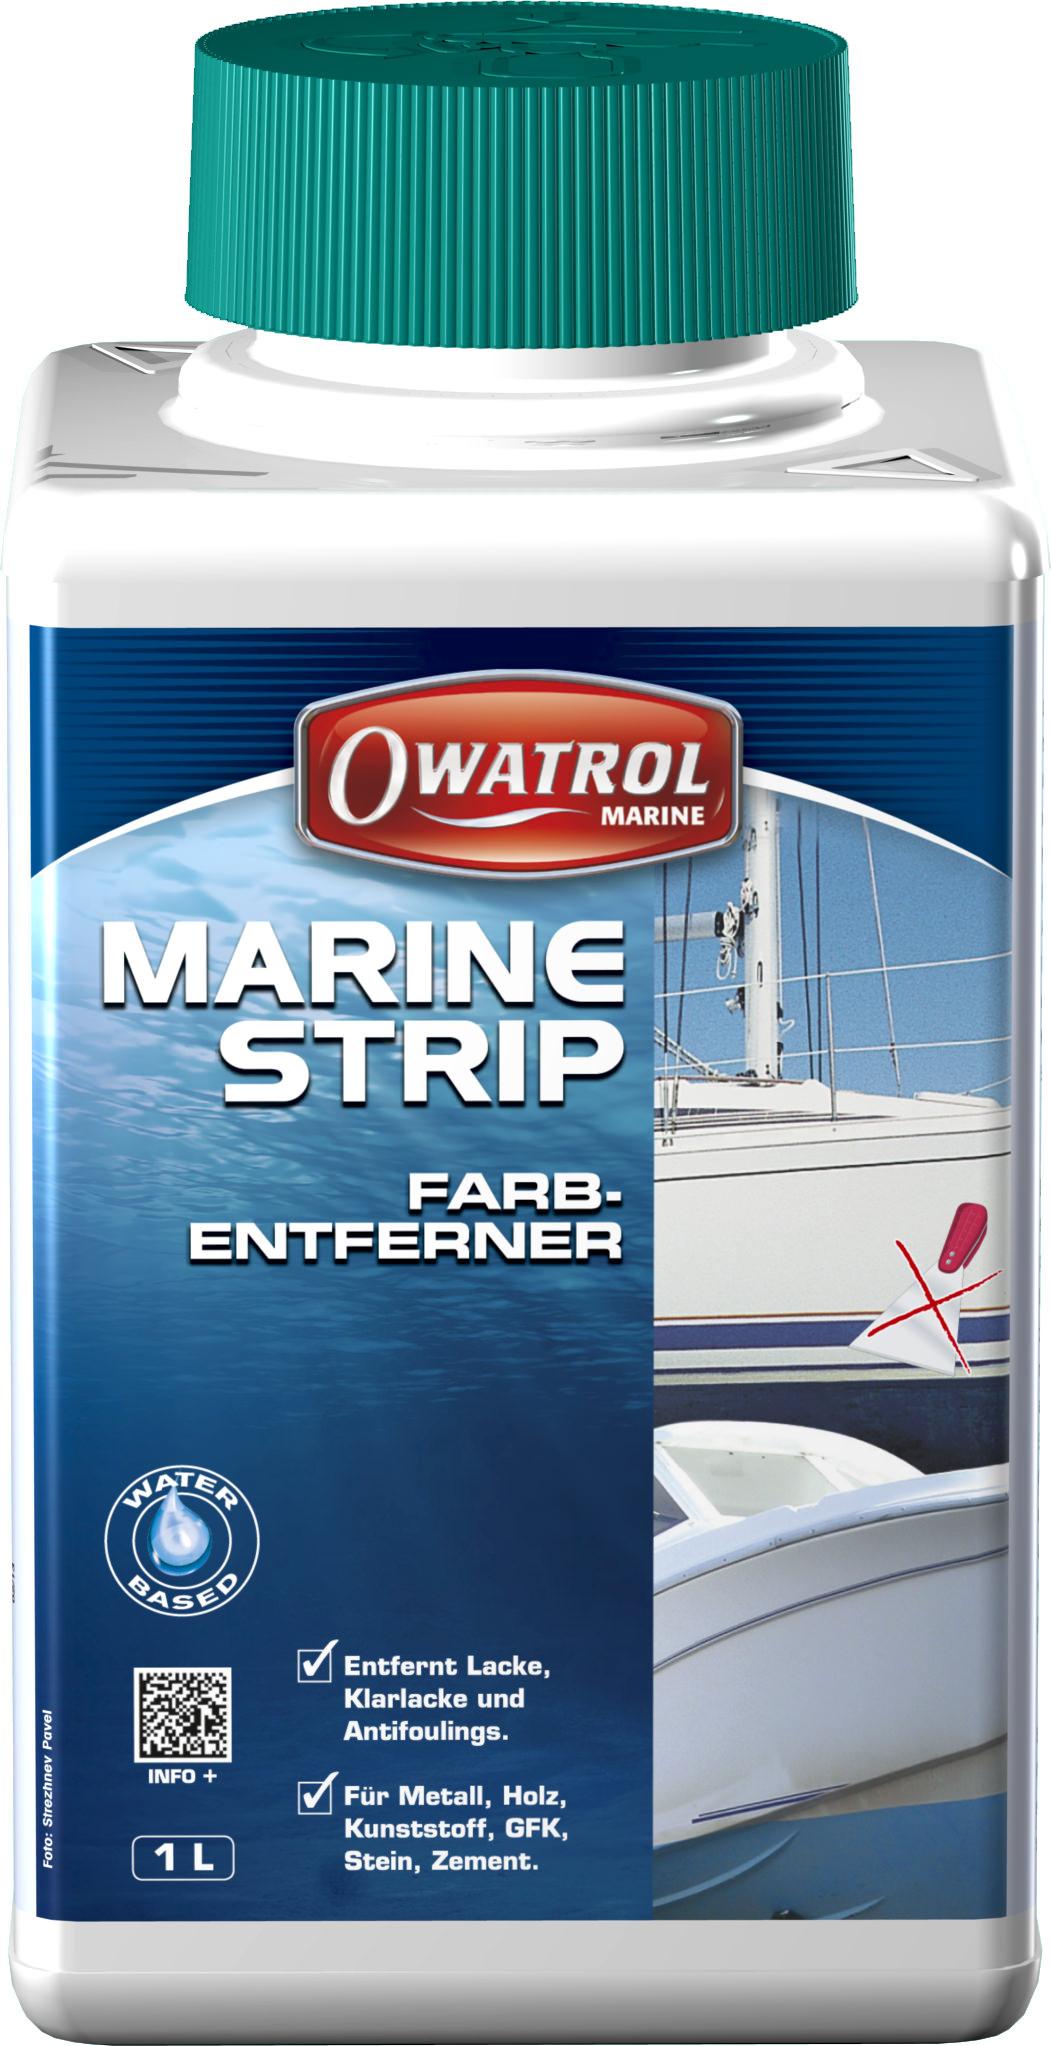 Marine strip 1l antifouling entferner abbeizer - Maritime wohnideen ...